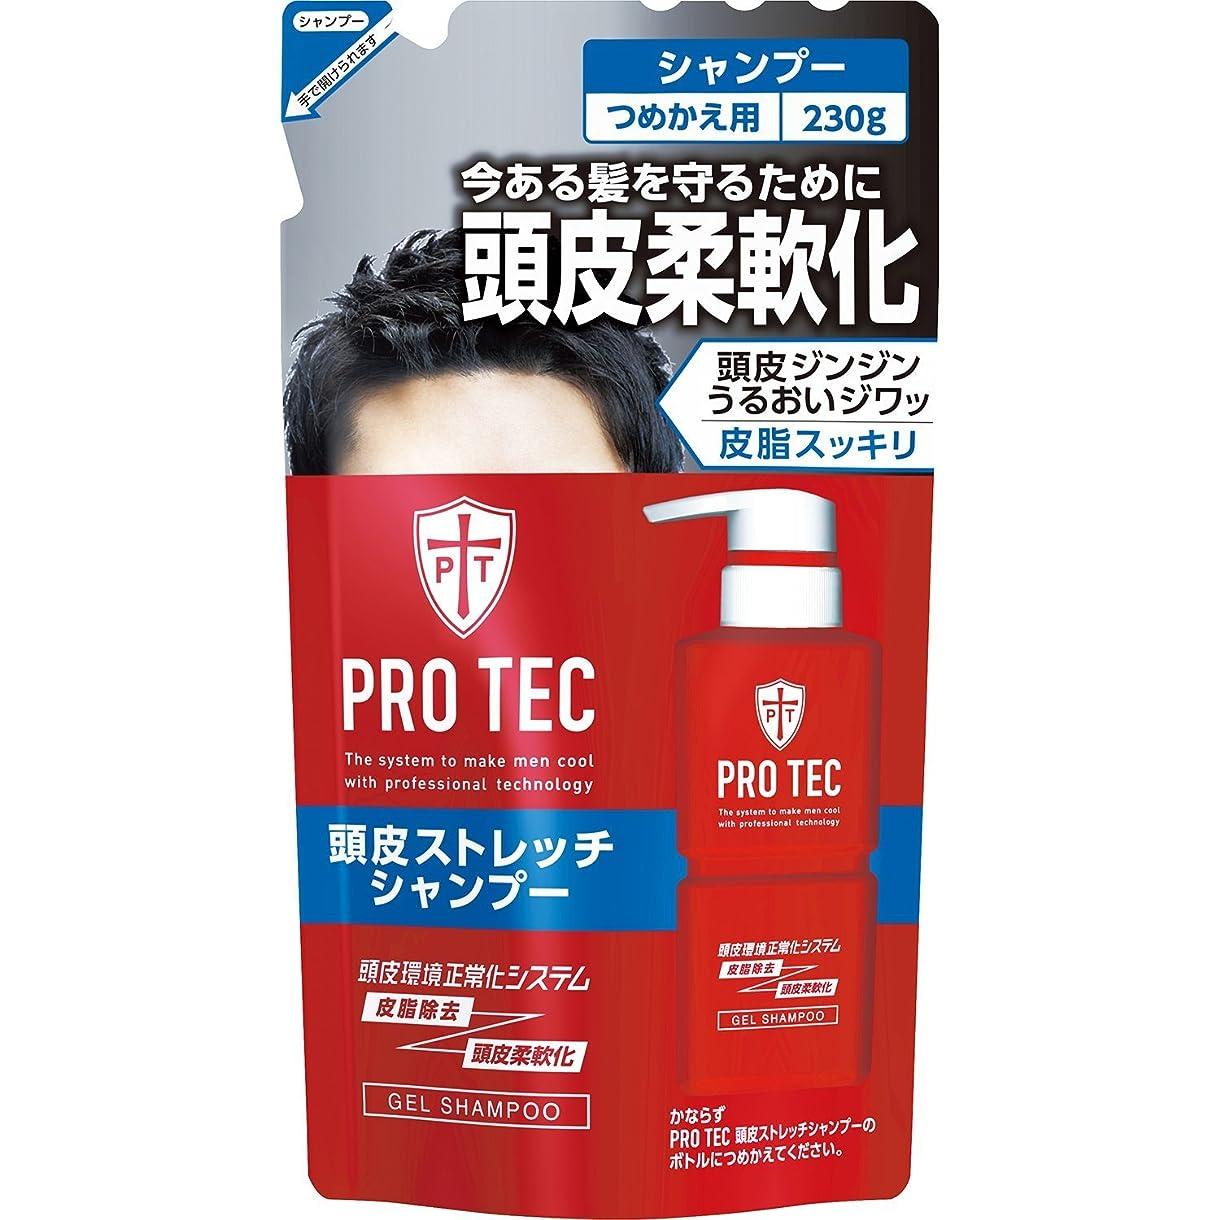 追加ネックレス検閲PRO TEC(プロテク) 頭皮ストレッチ シャンプー 詰め替え 230g(医薬部外品)